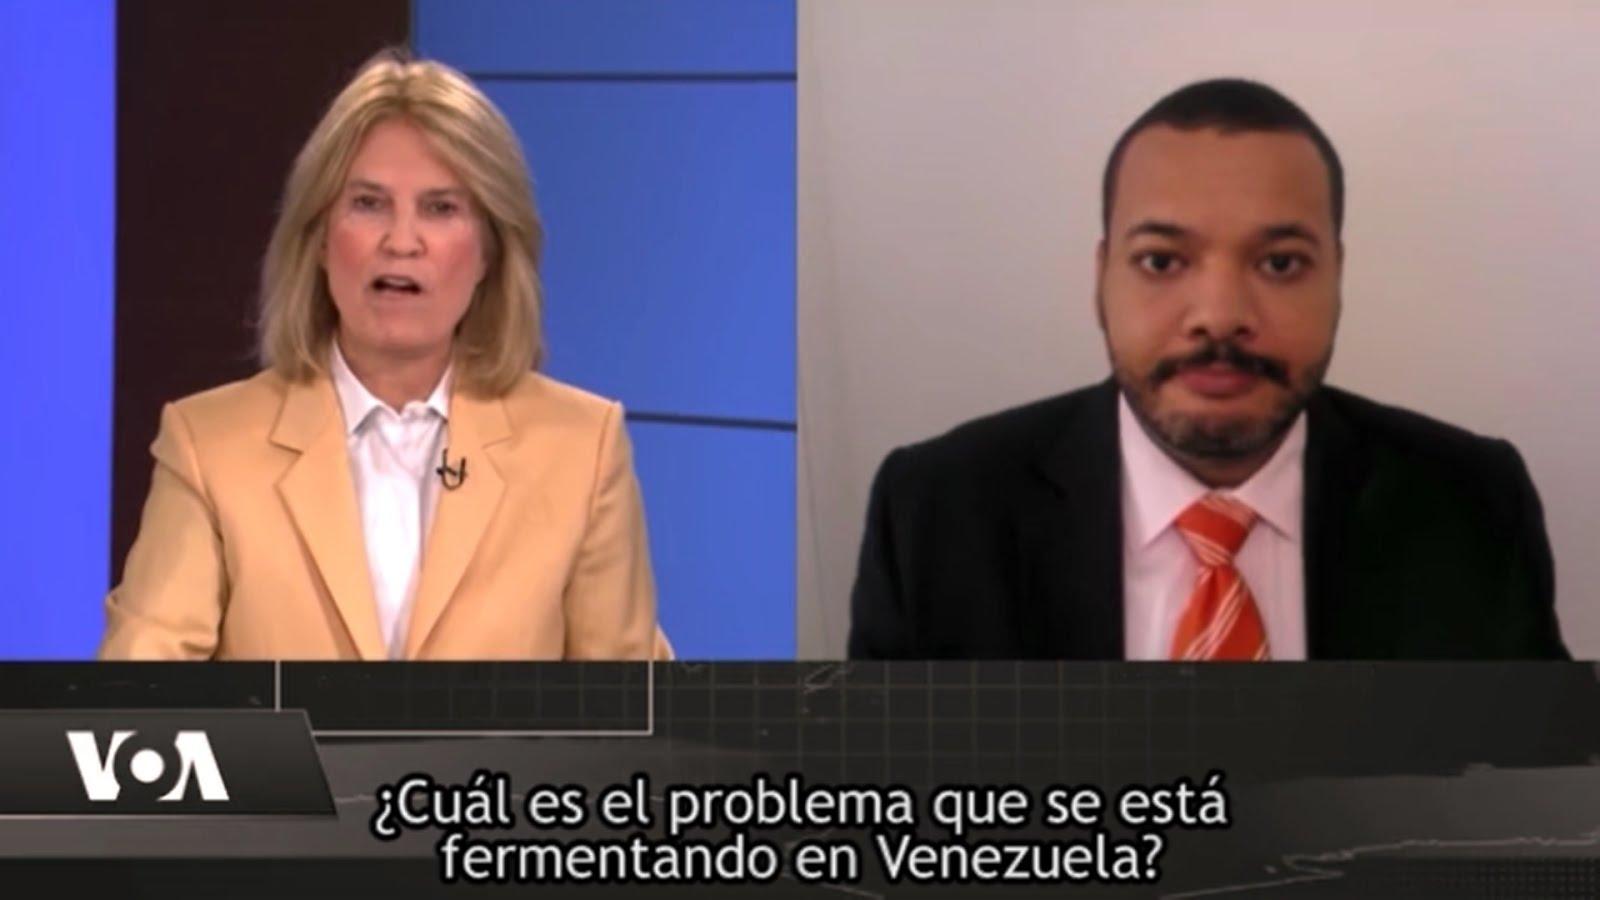 Ver video en YouTube: TV oficial de EEUU en inglés entrevista a Doctor Jesús Silva (click en foto)